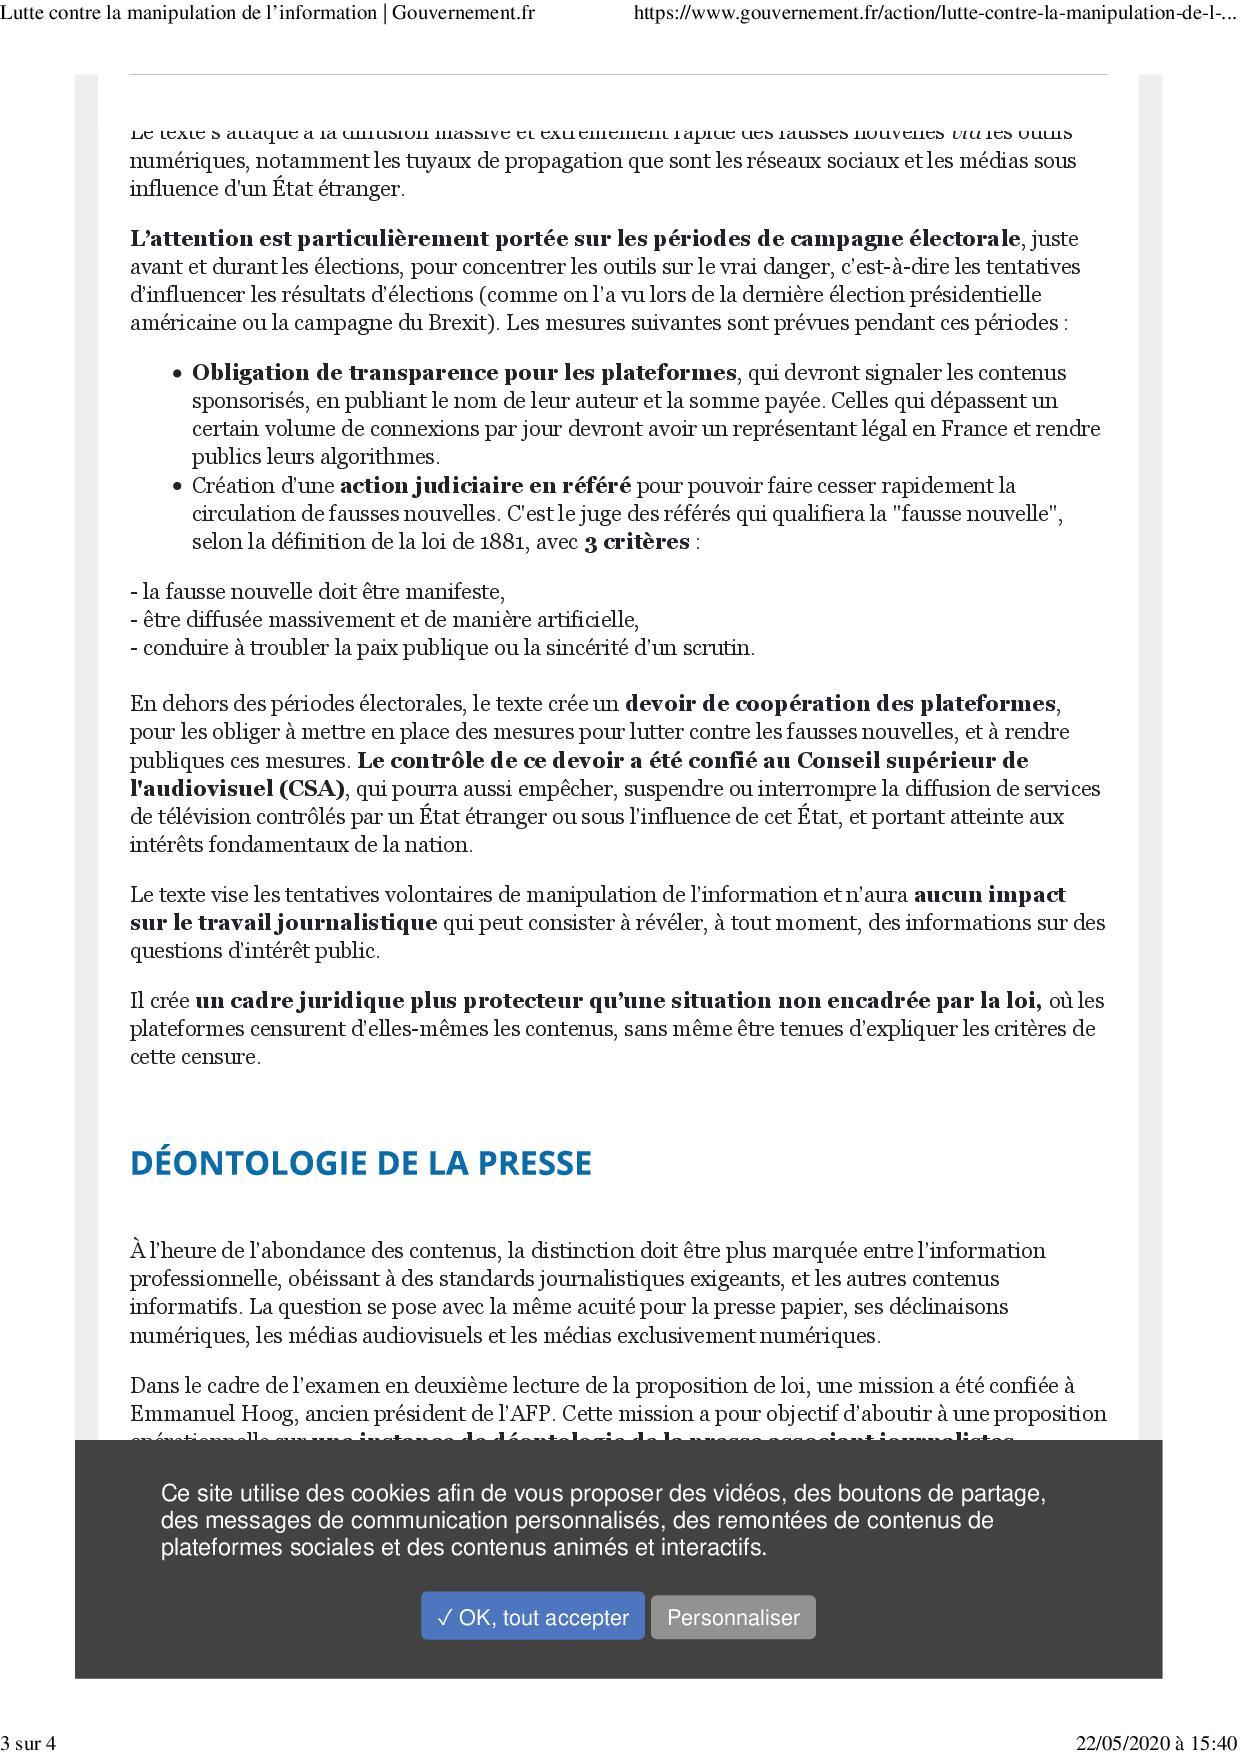 Lutte contre la manipulation de l'information _ Gouvernement.fr3.jpg